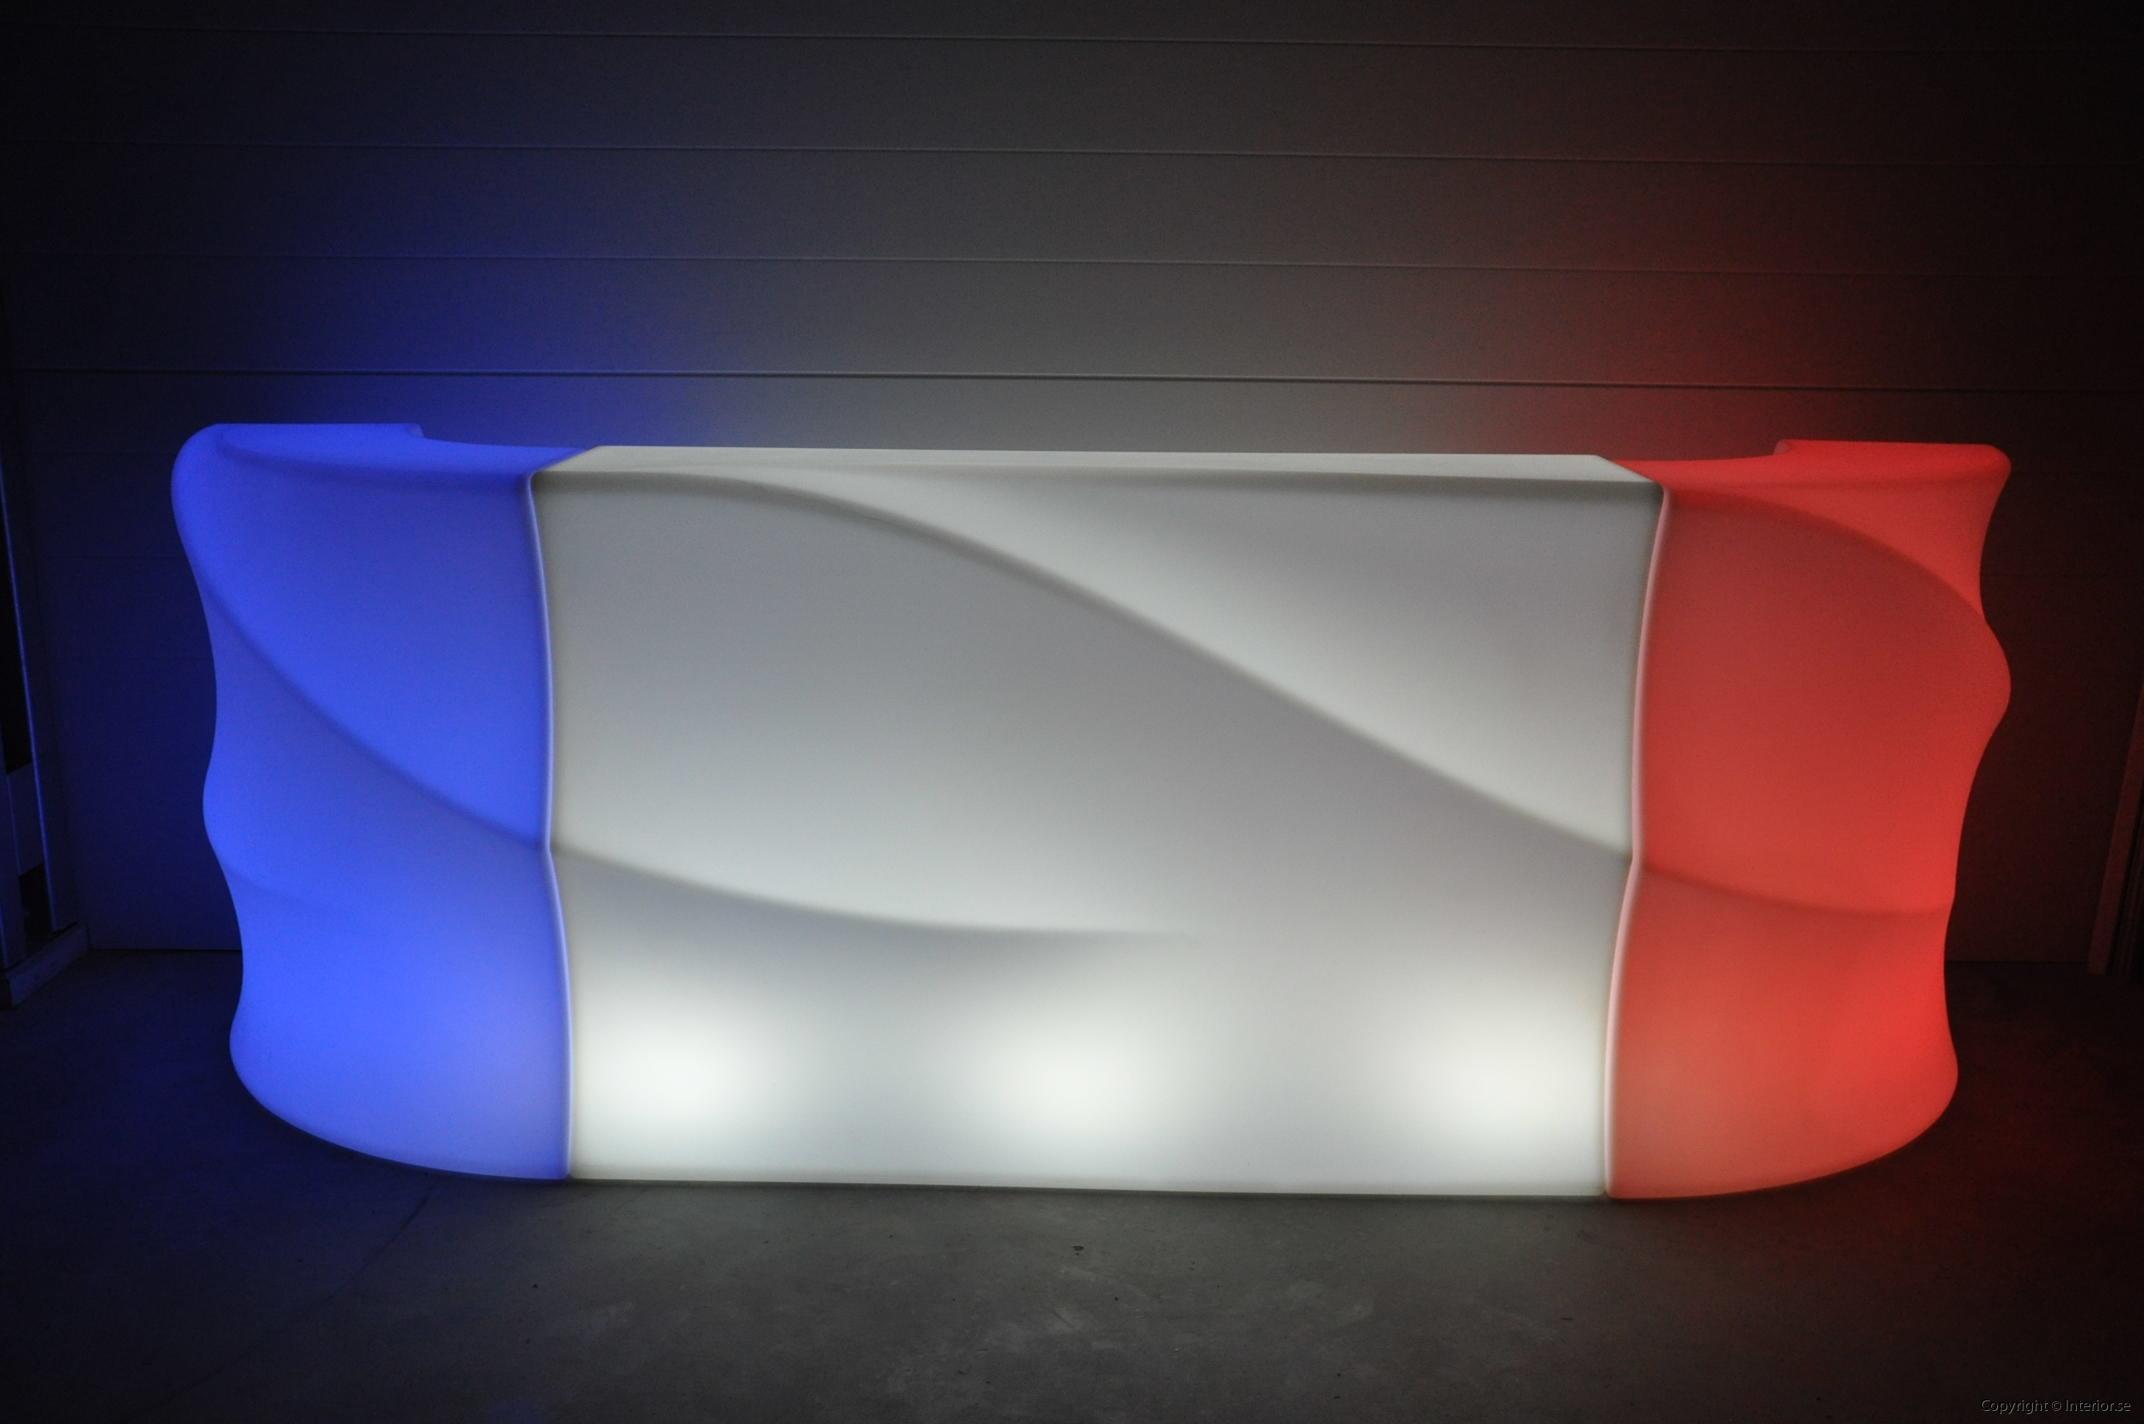 Hyra LED bardisk stockholm, New Wave 320 cm - batteri (14)